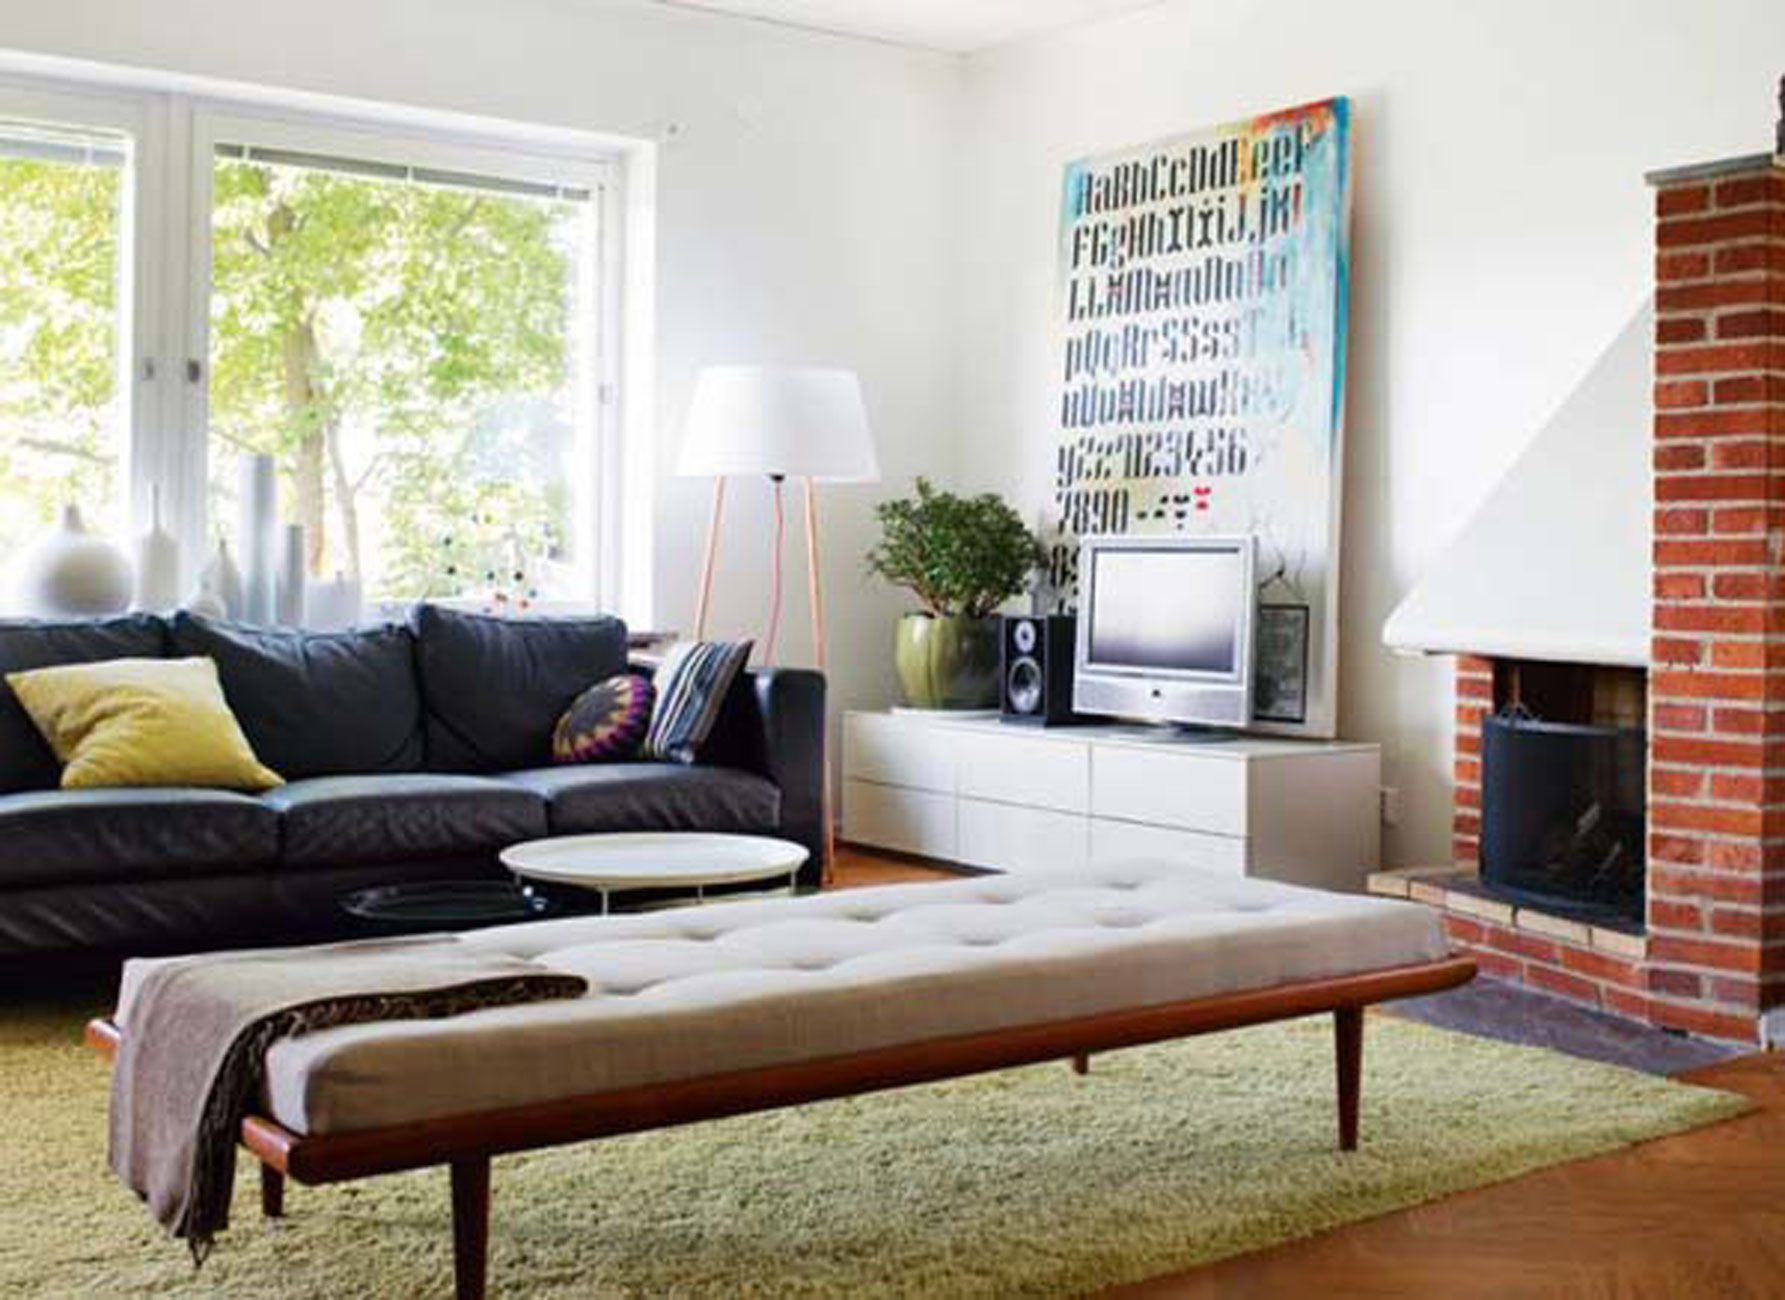 Midsize house decoration ideas